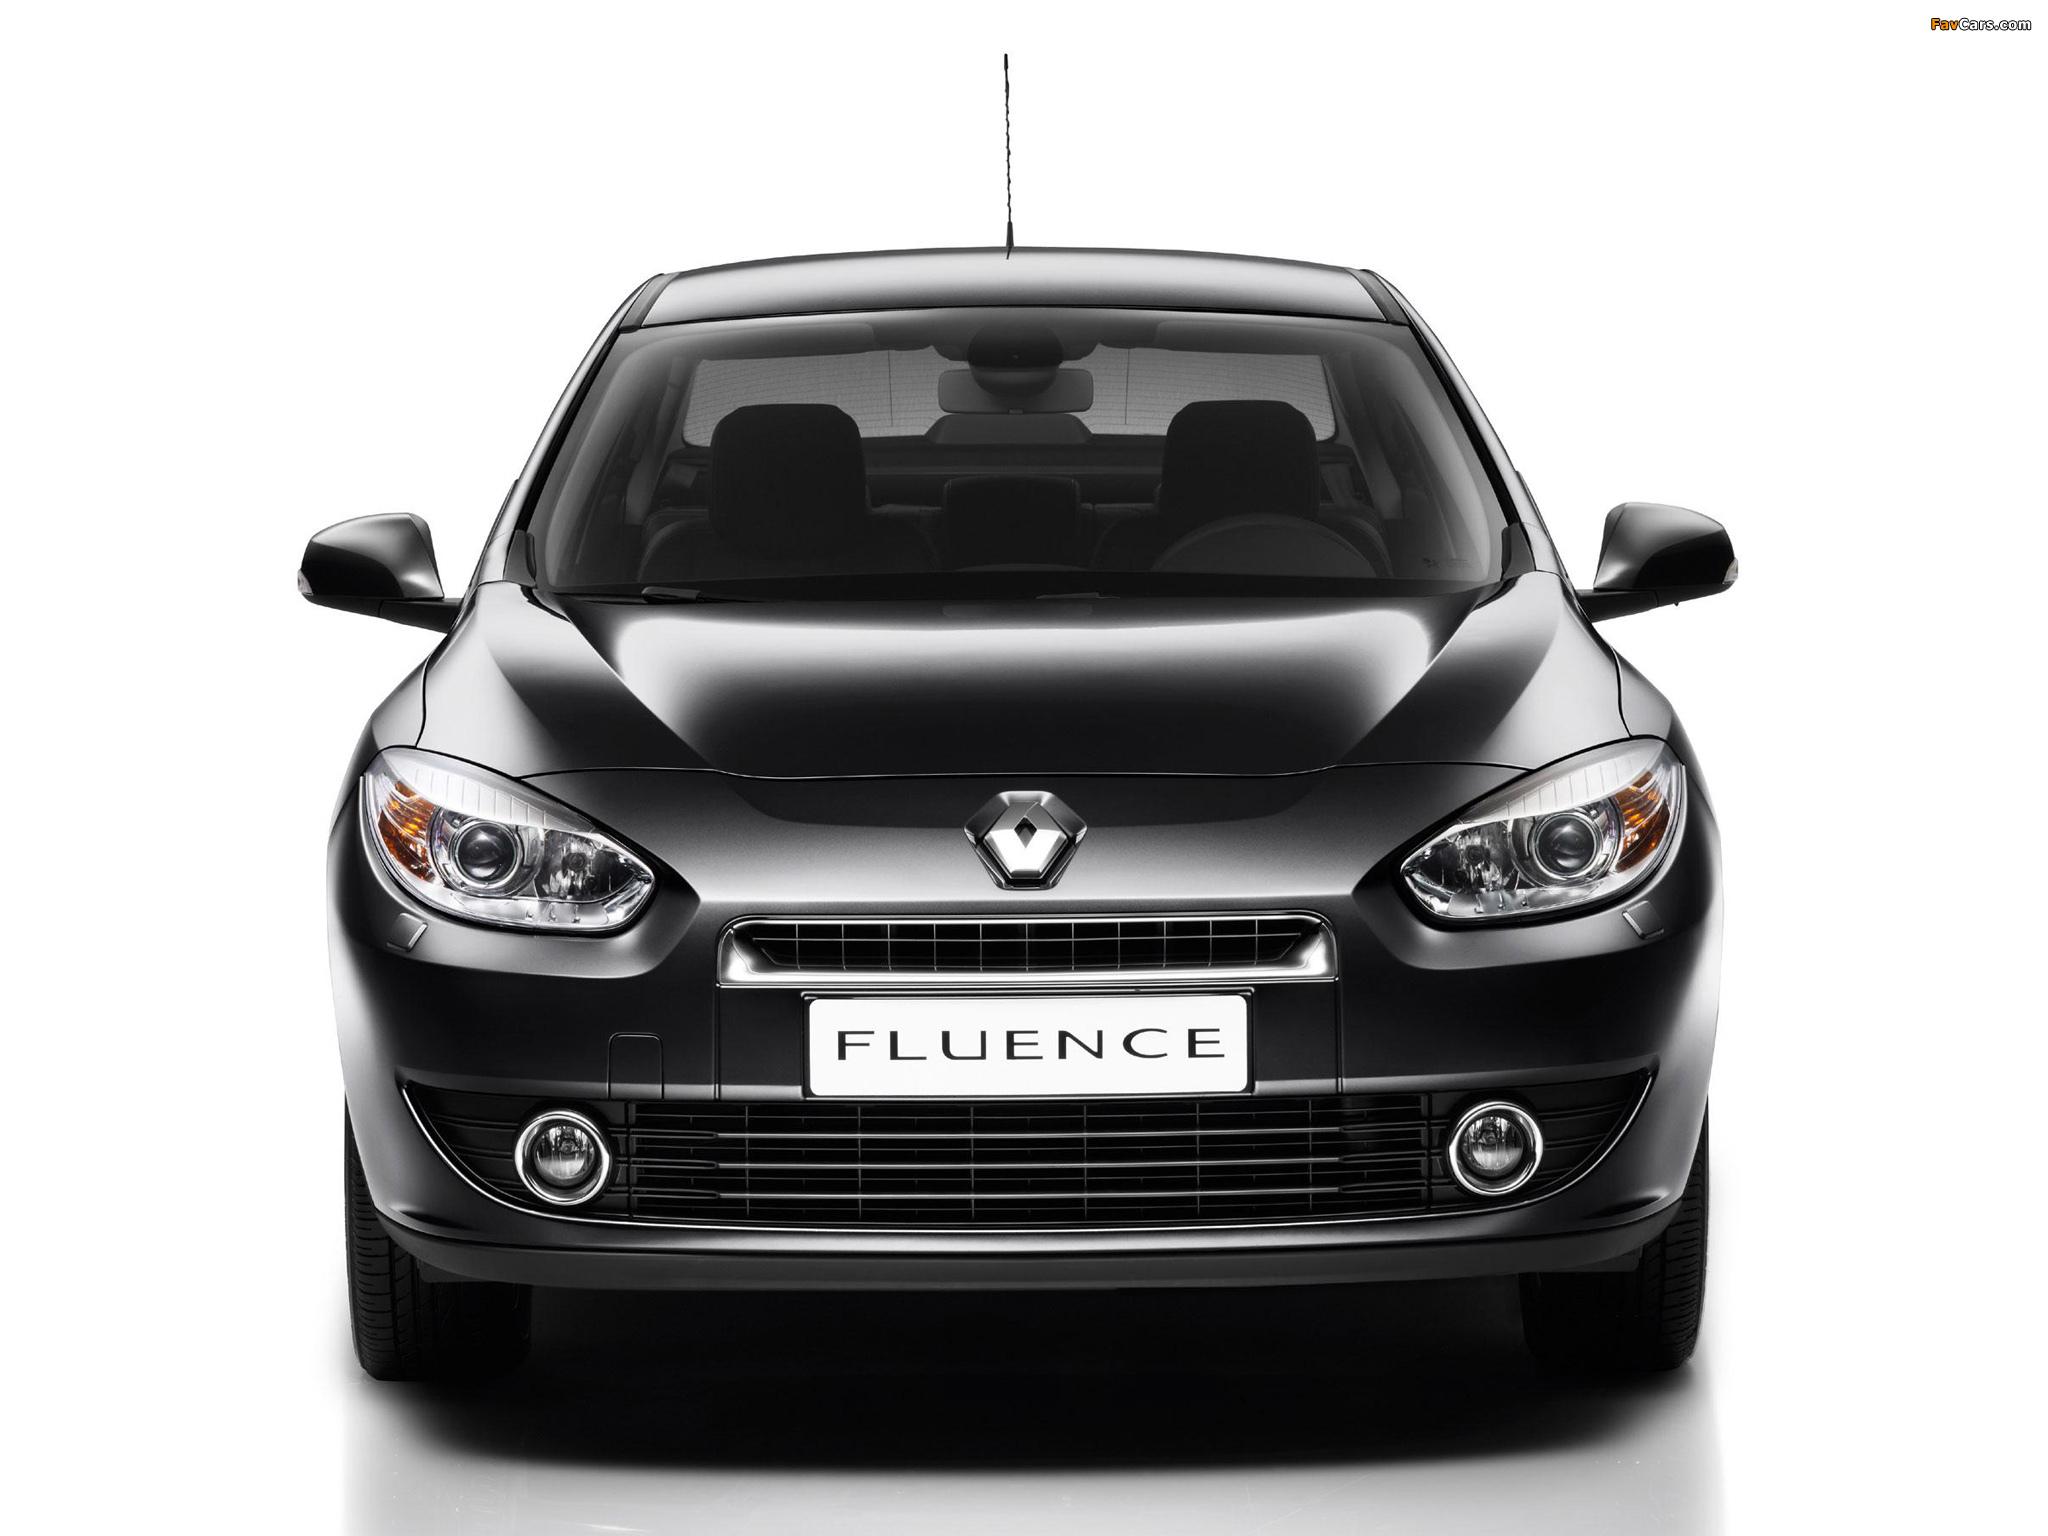 Дорожный просвет Renault Fluence